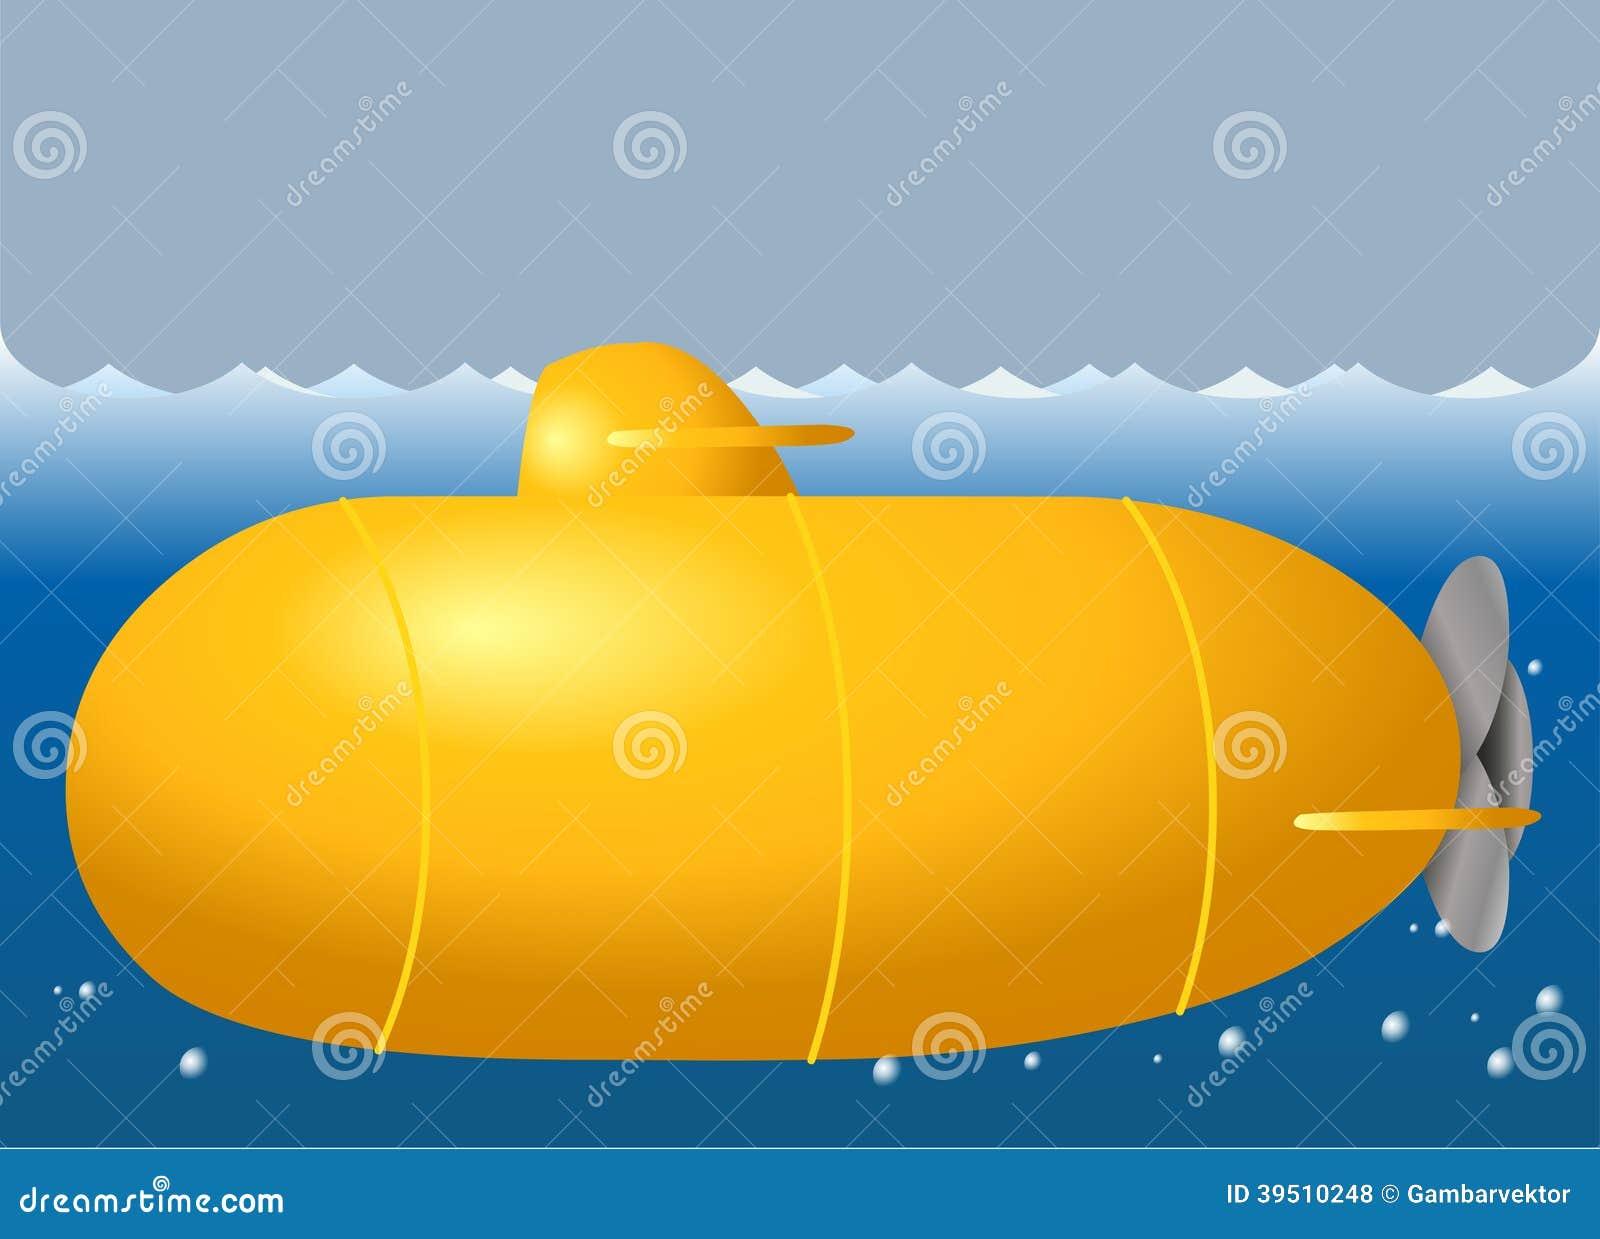 Cute submarine